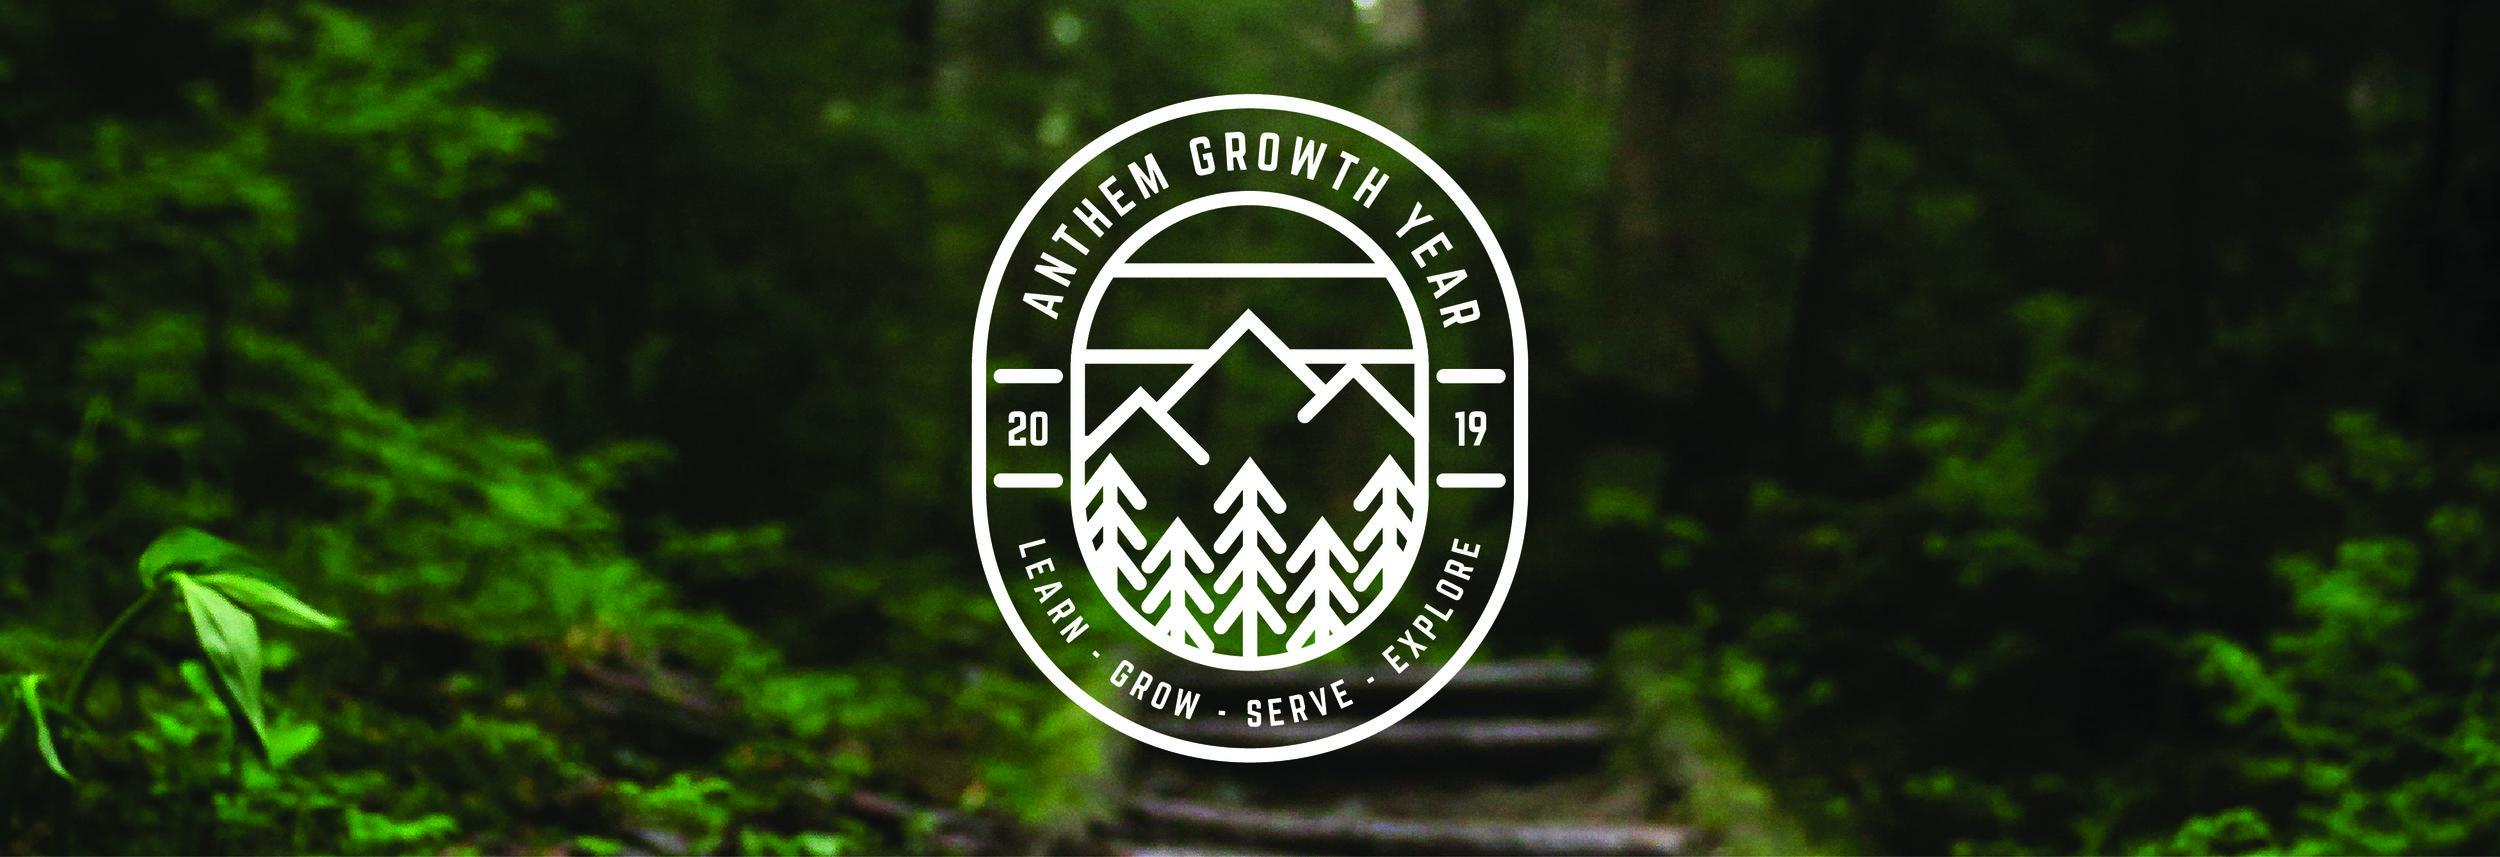 Growth Year-02.jpg